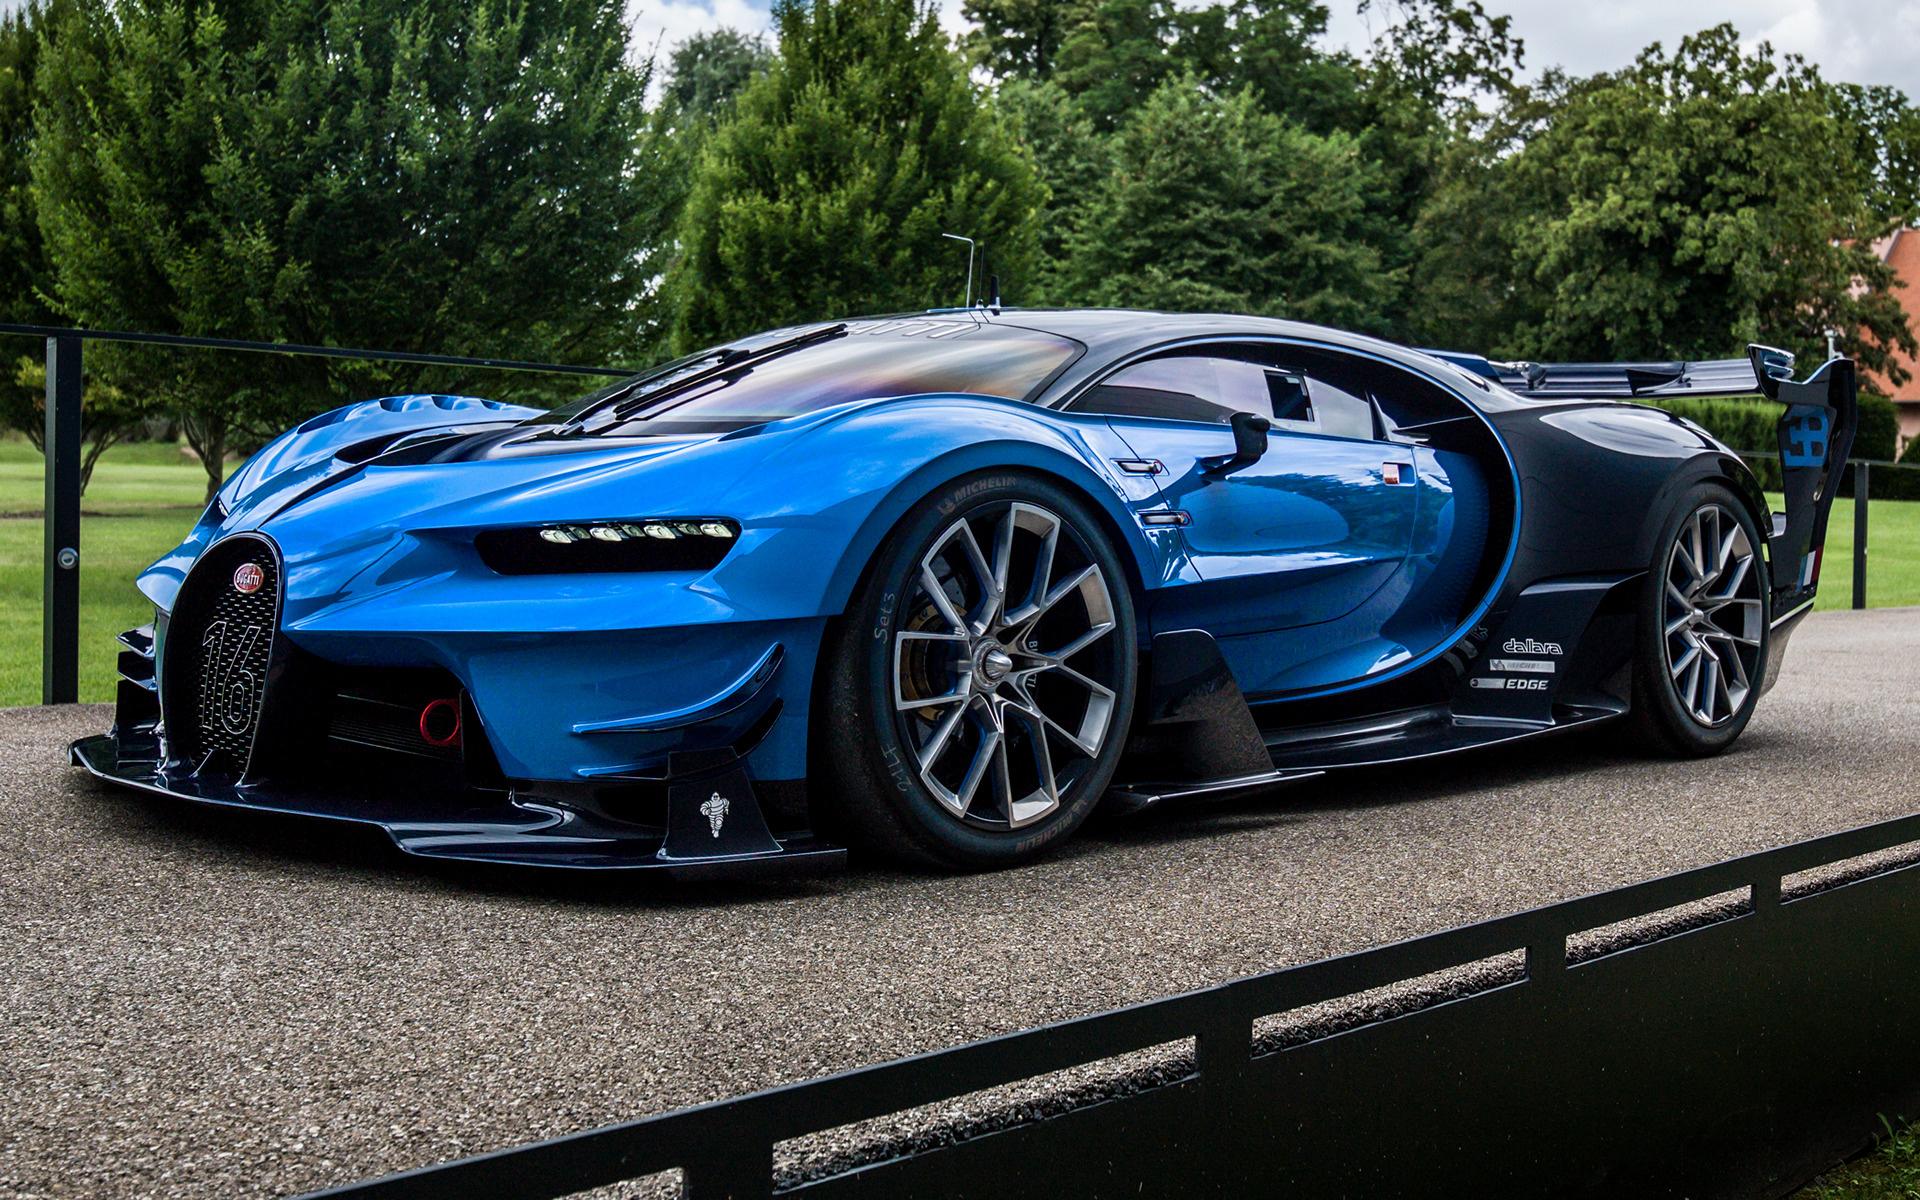 2015 Bugatti Vision Gran Turismo - Wallpapers and HD